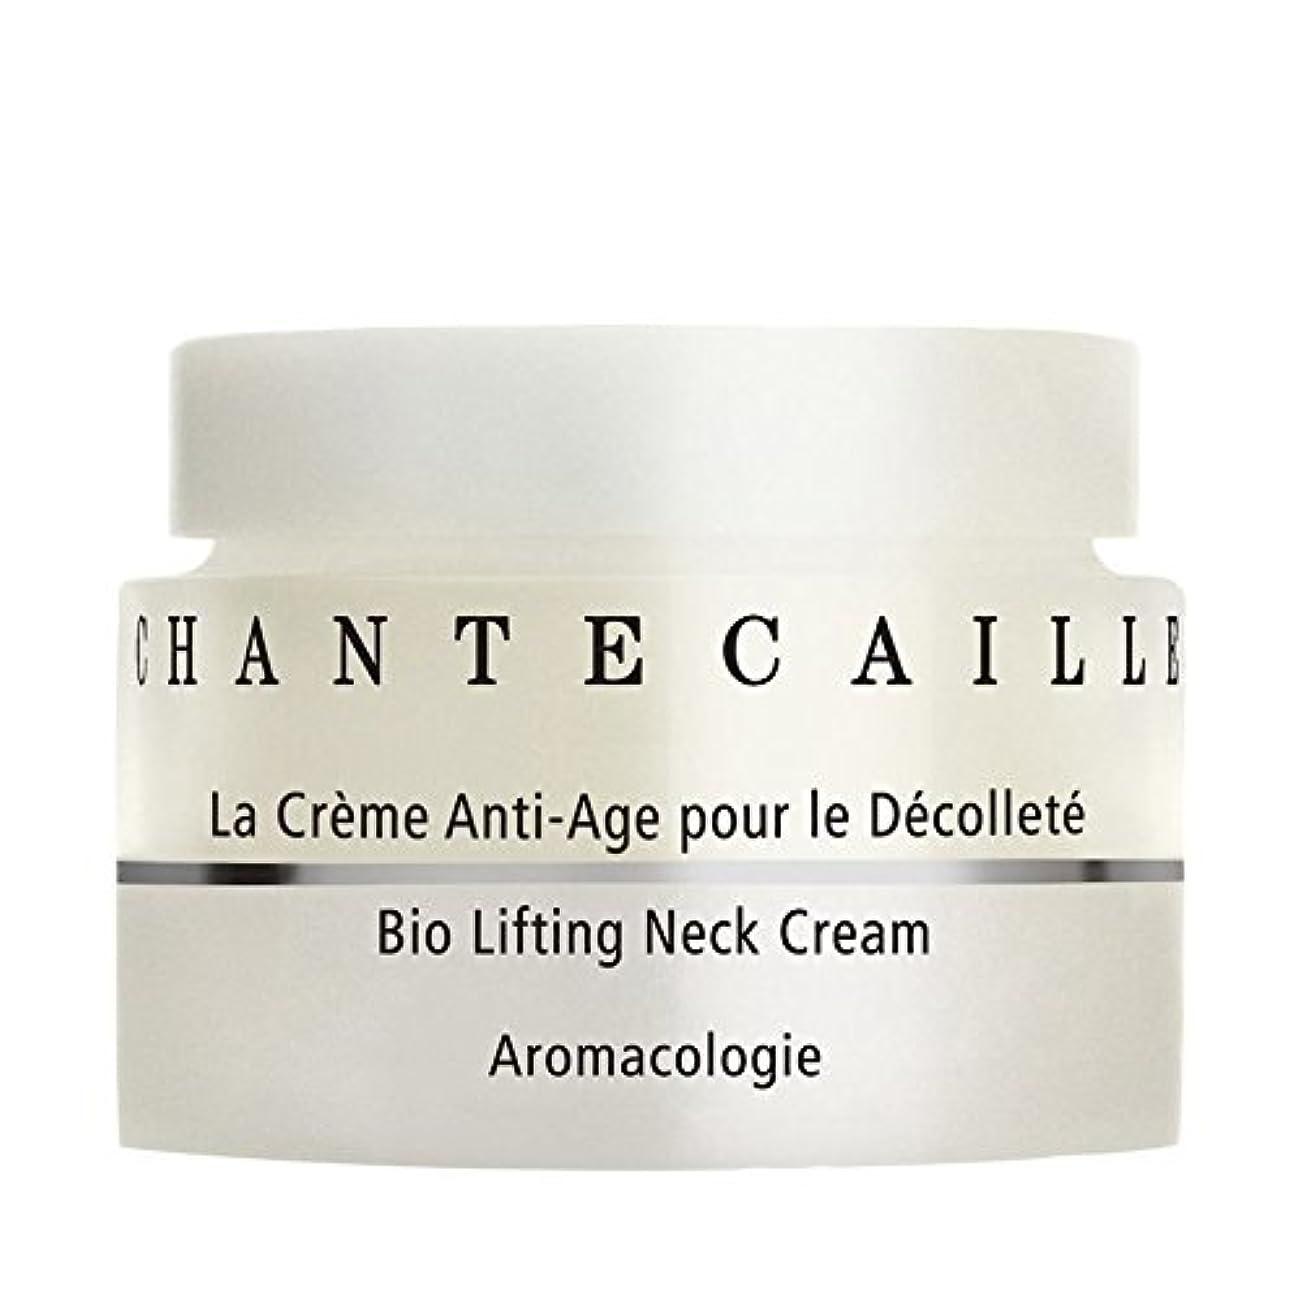 周術期恐怖症サロンChantecaille Biodynamic Lifting Neck Cream, Chantecaille - シャンテカイユバイオダイナミックリフティングネッククリーム、シャンテカイユ [並行輸入品]